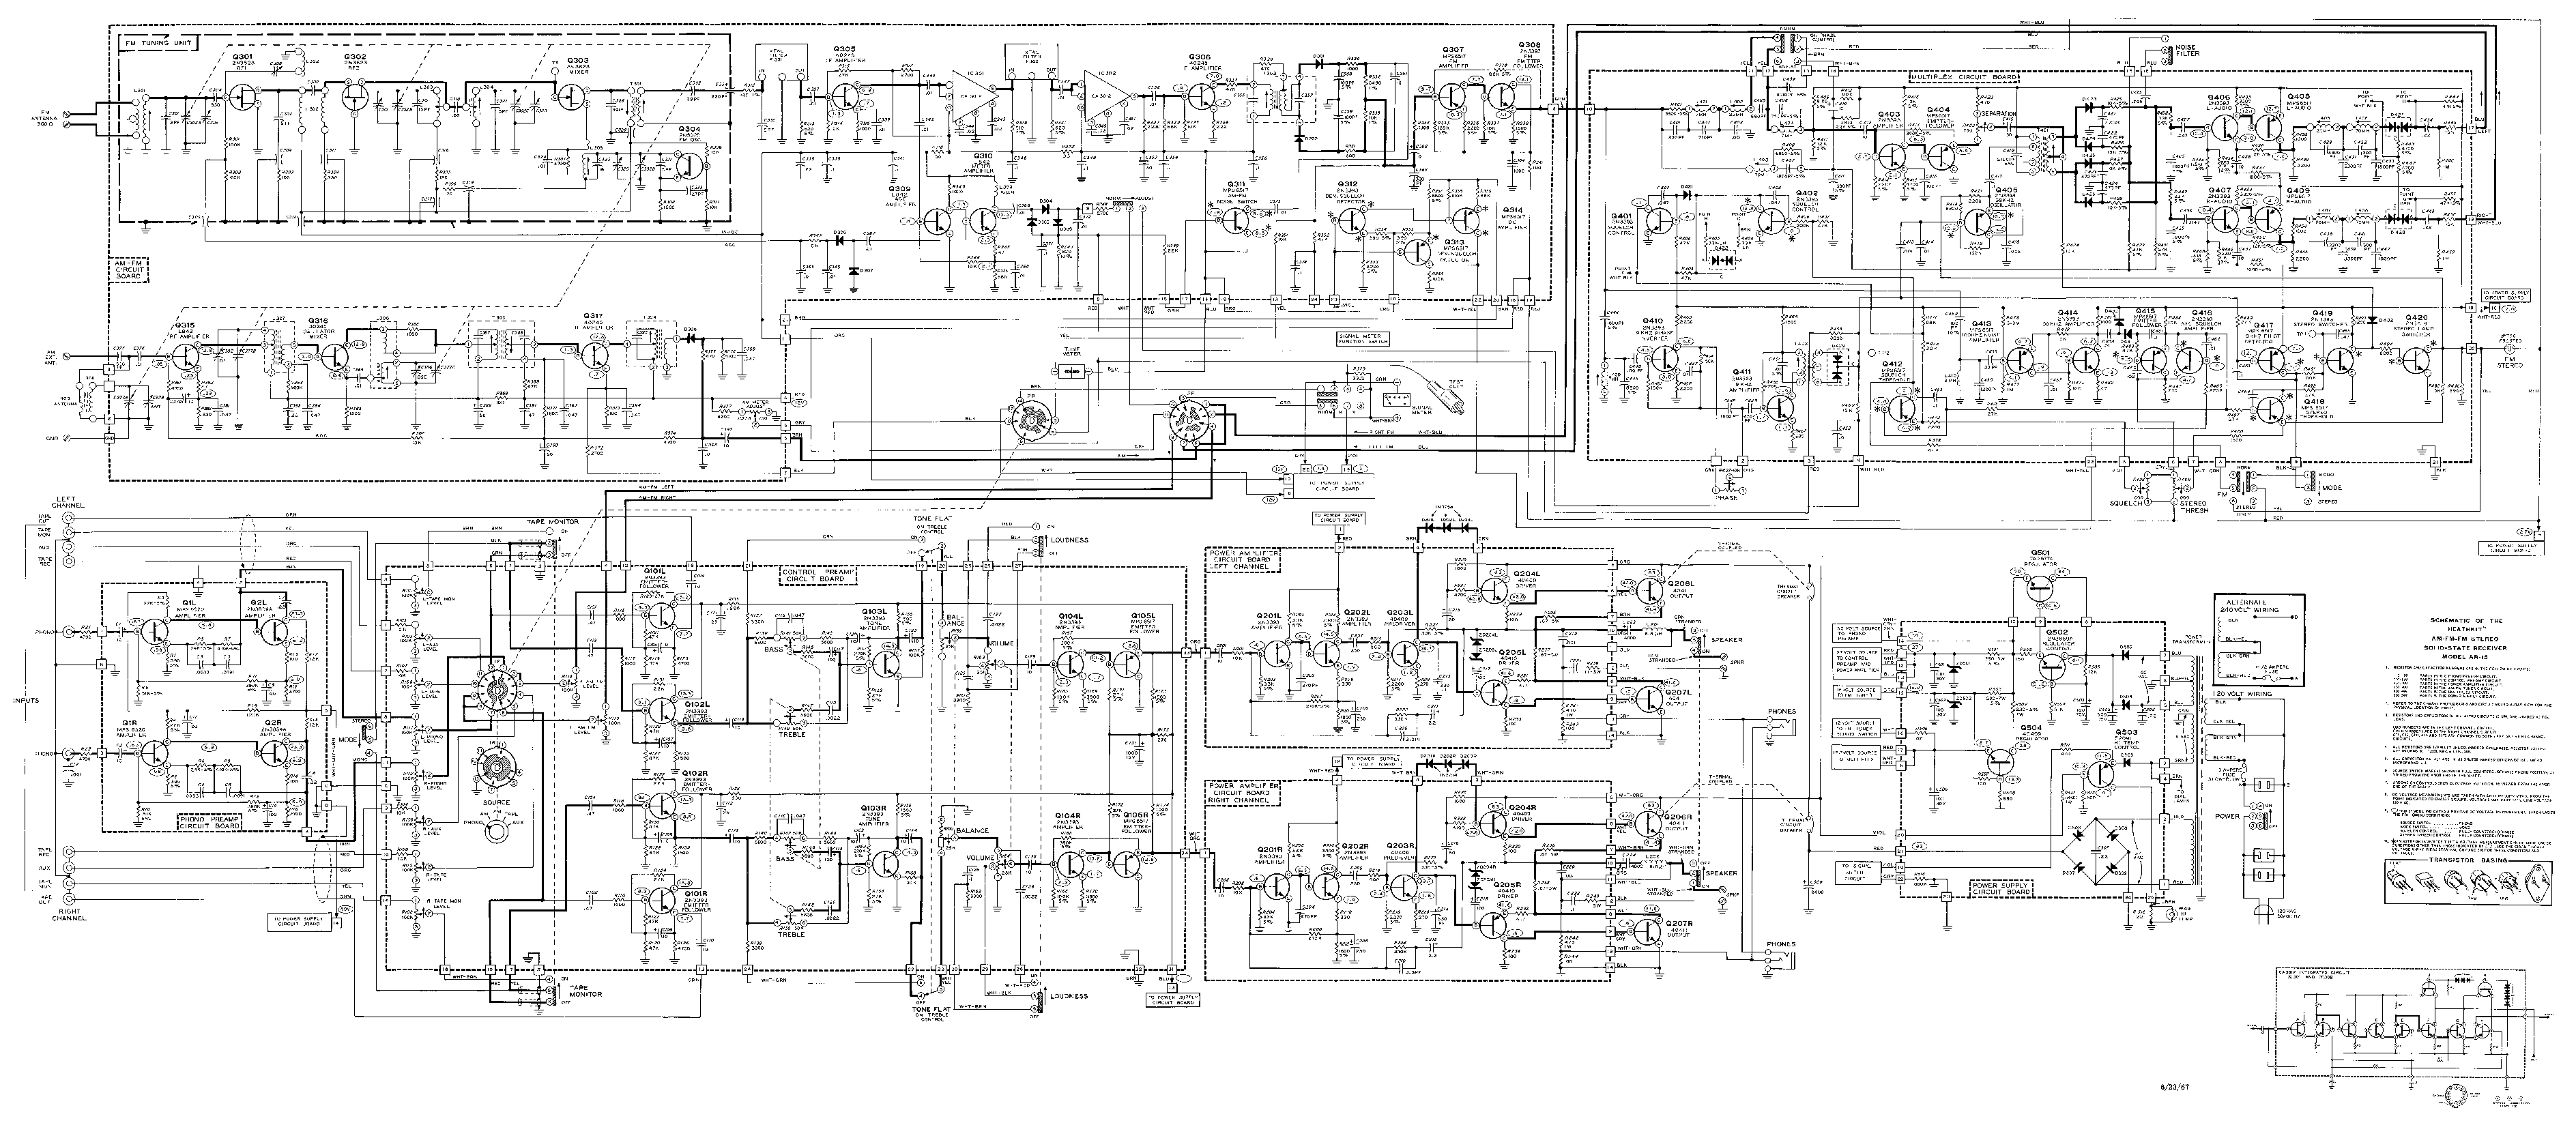 Heathkit ar 15 sch2 service manual download schematics for Arkansas blueprint